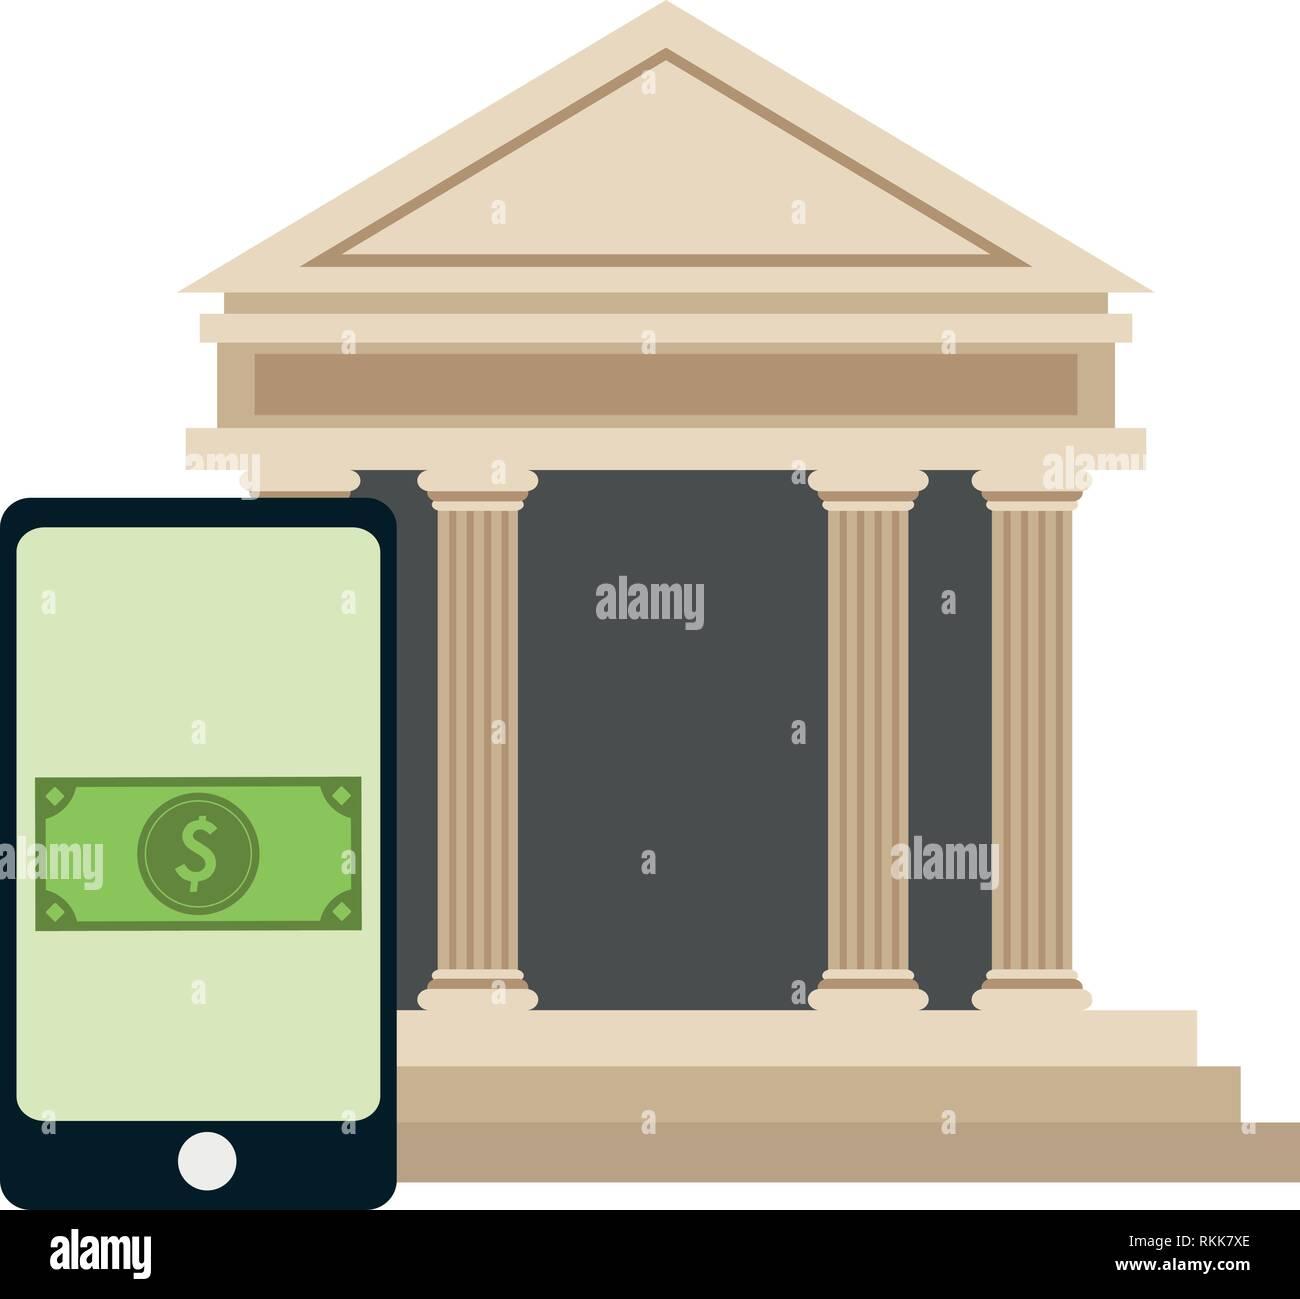 Paiement en ligne smartphone et bank building Illustration de Vecteur